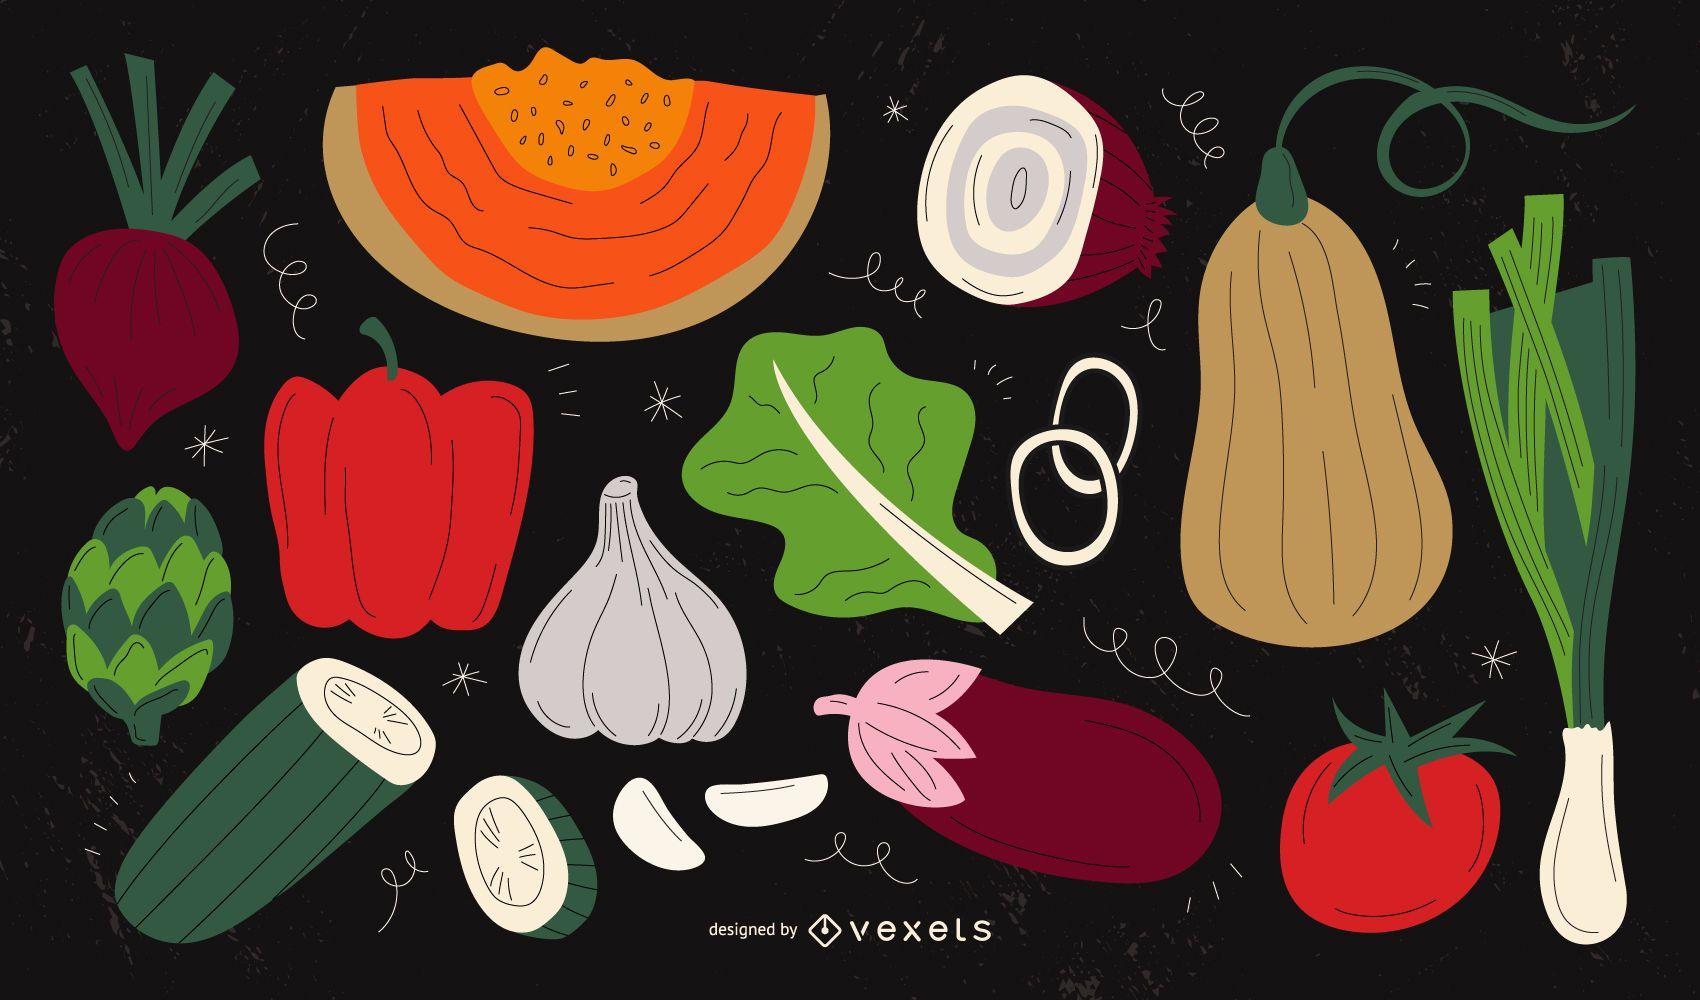 Vegetables illustrations pack